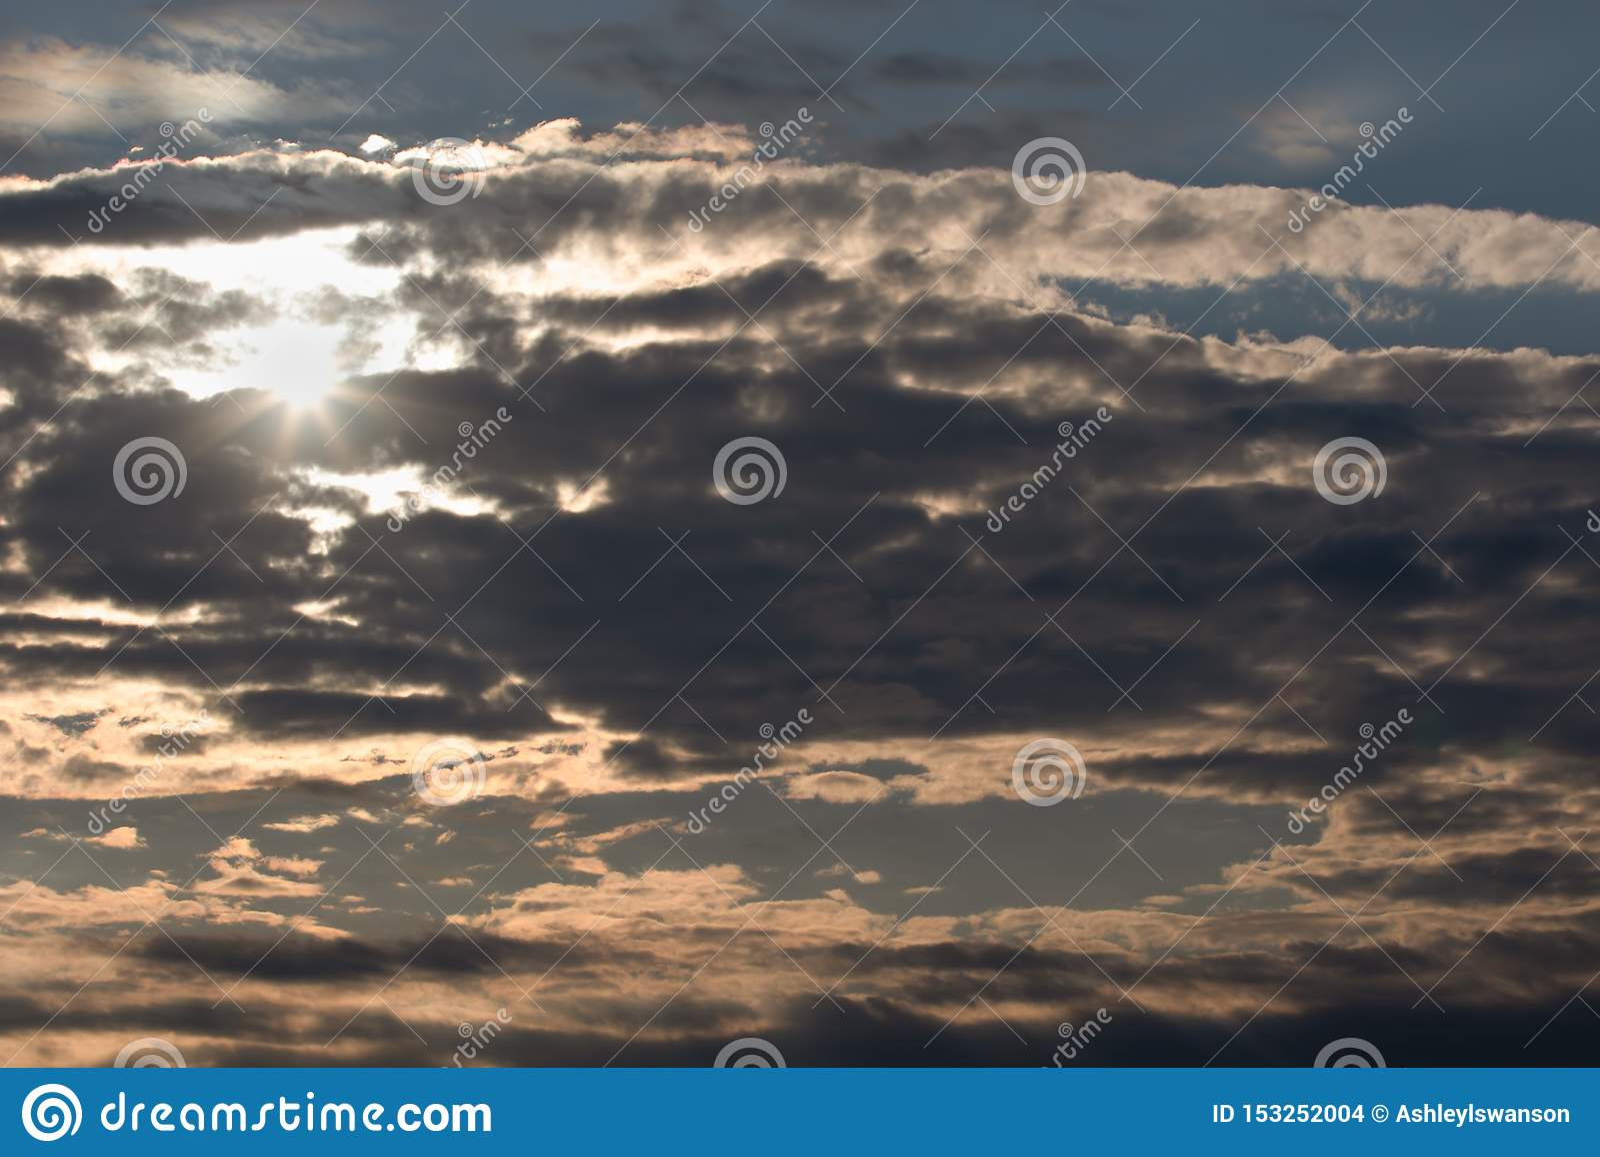 Heldere Zonhemel en Wolken in Avond